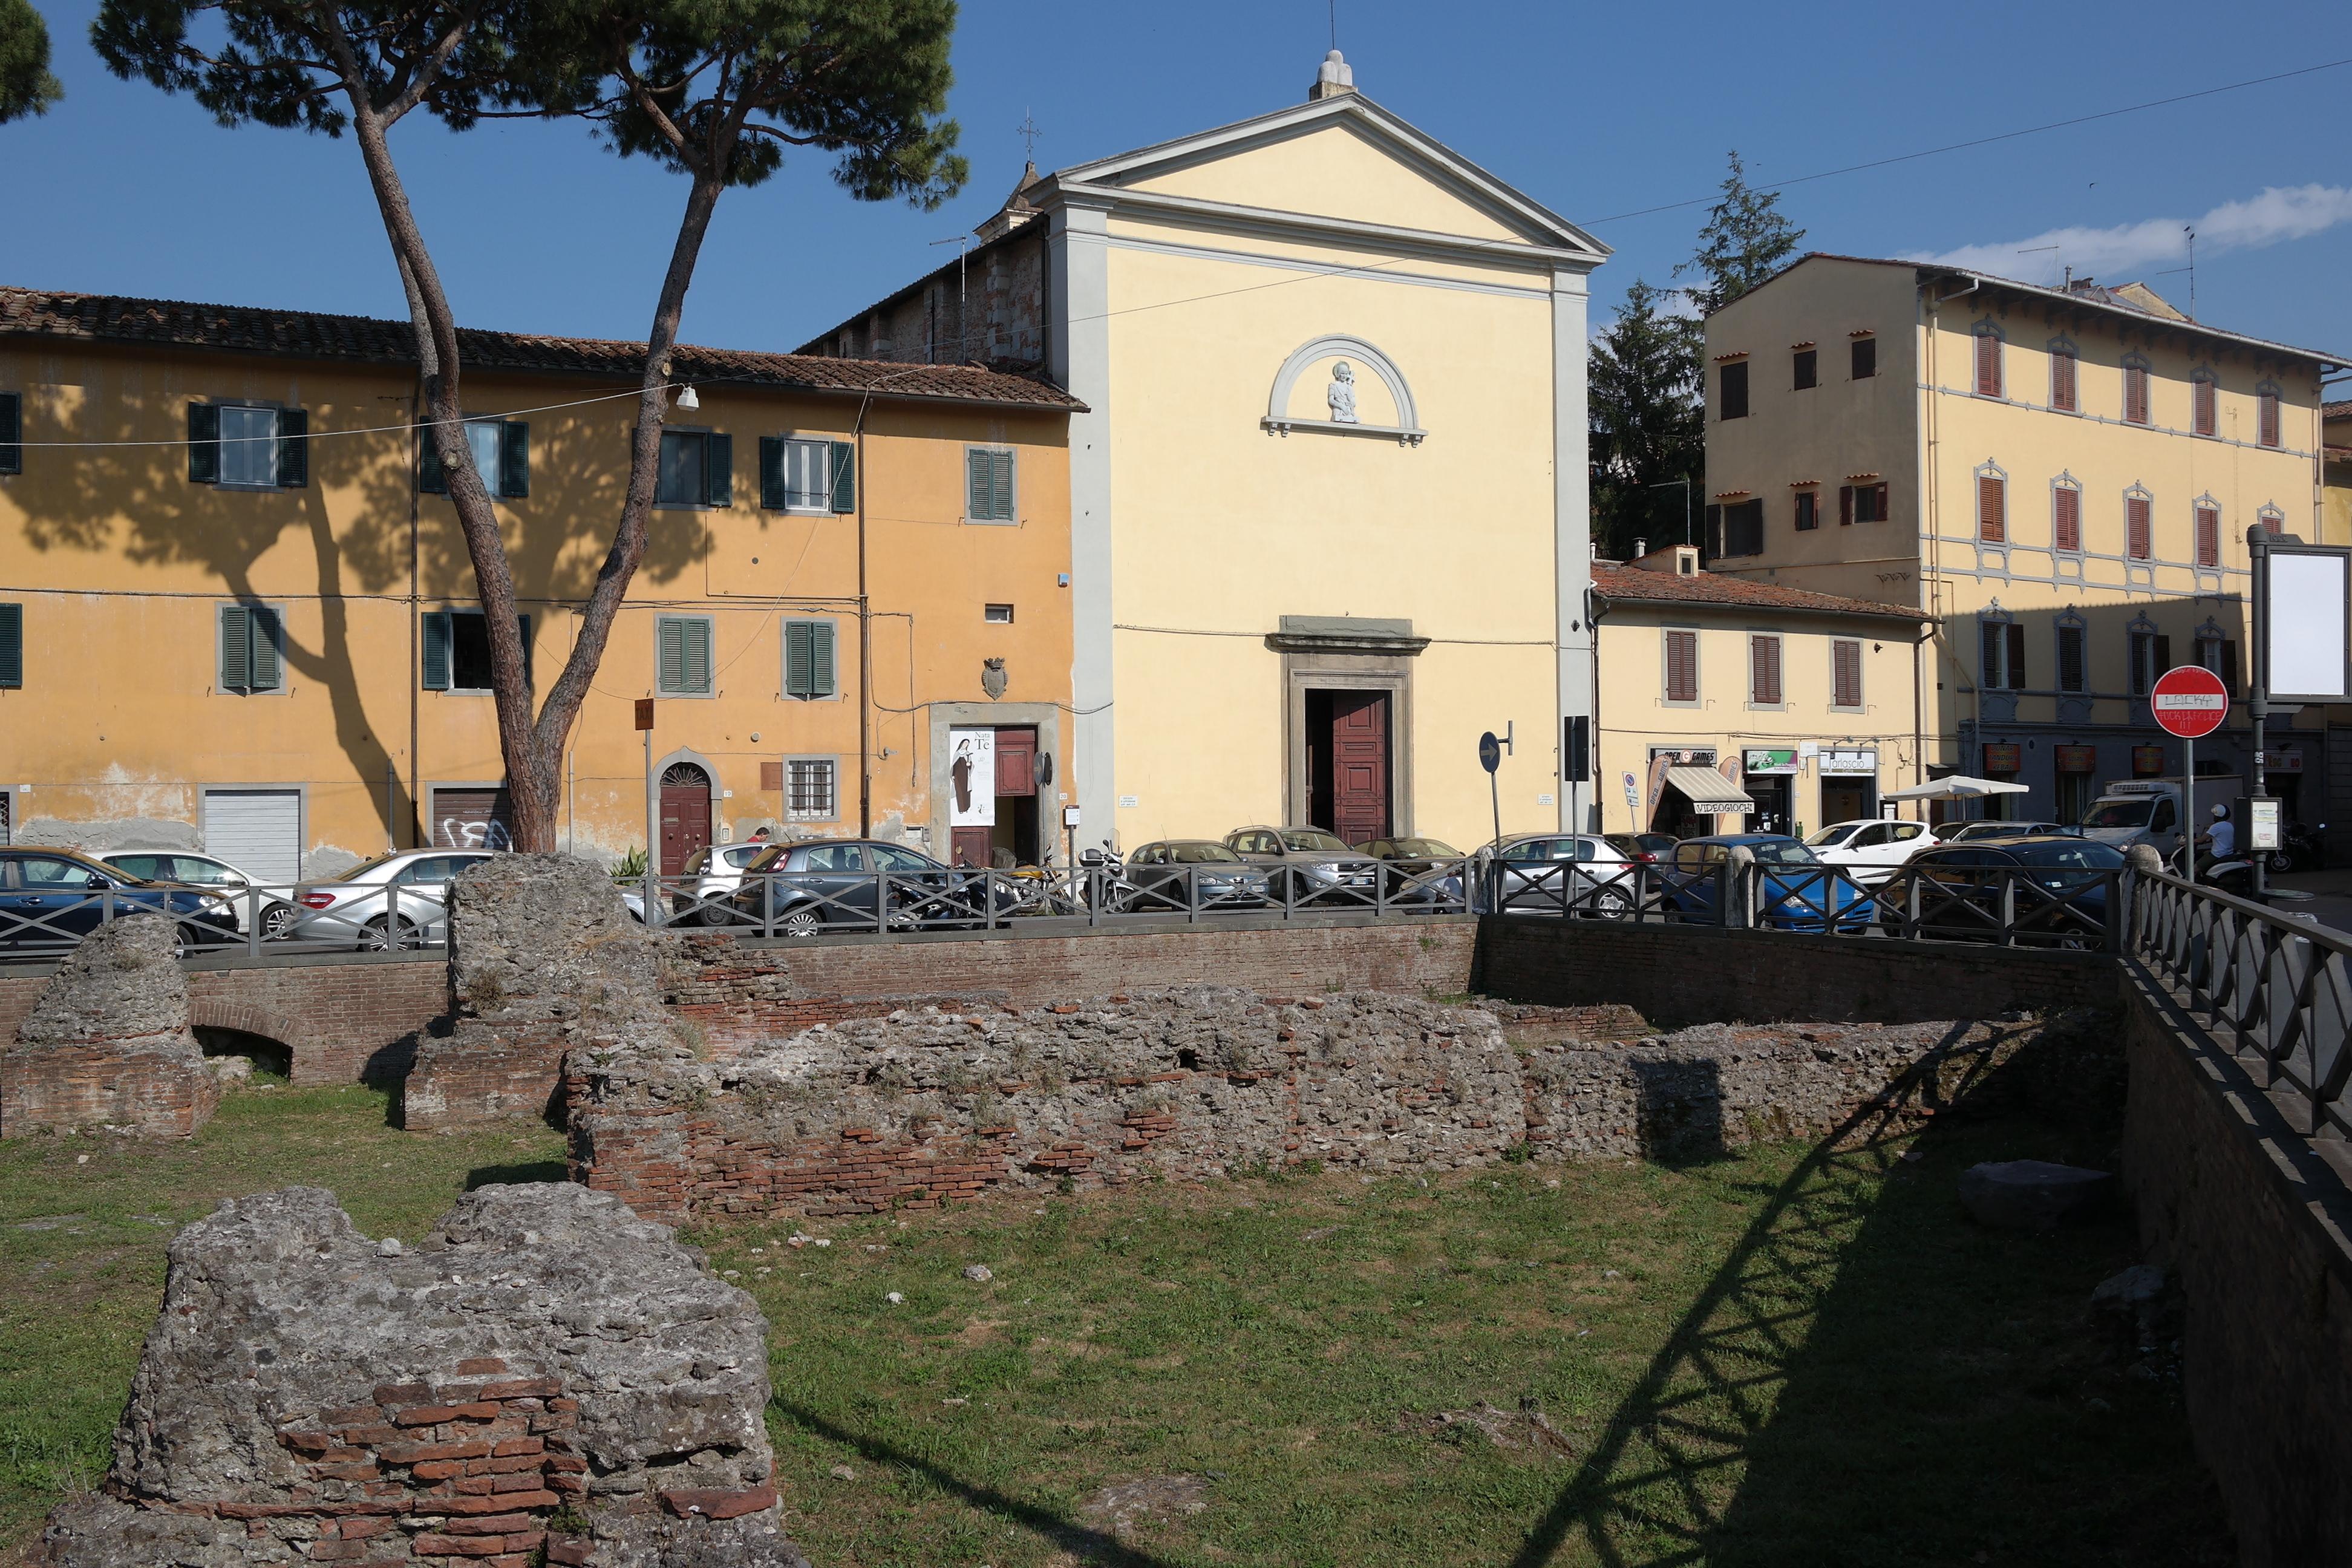 File:Pisa - Bagni di Nerone e San Torpè.JPG - Wikipedia